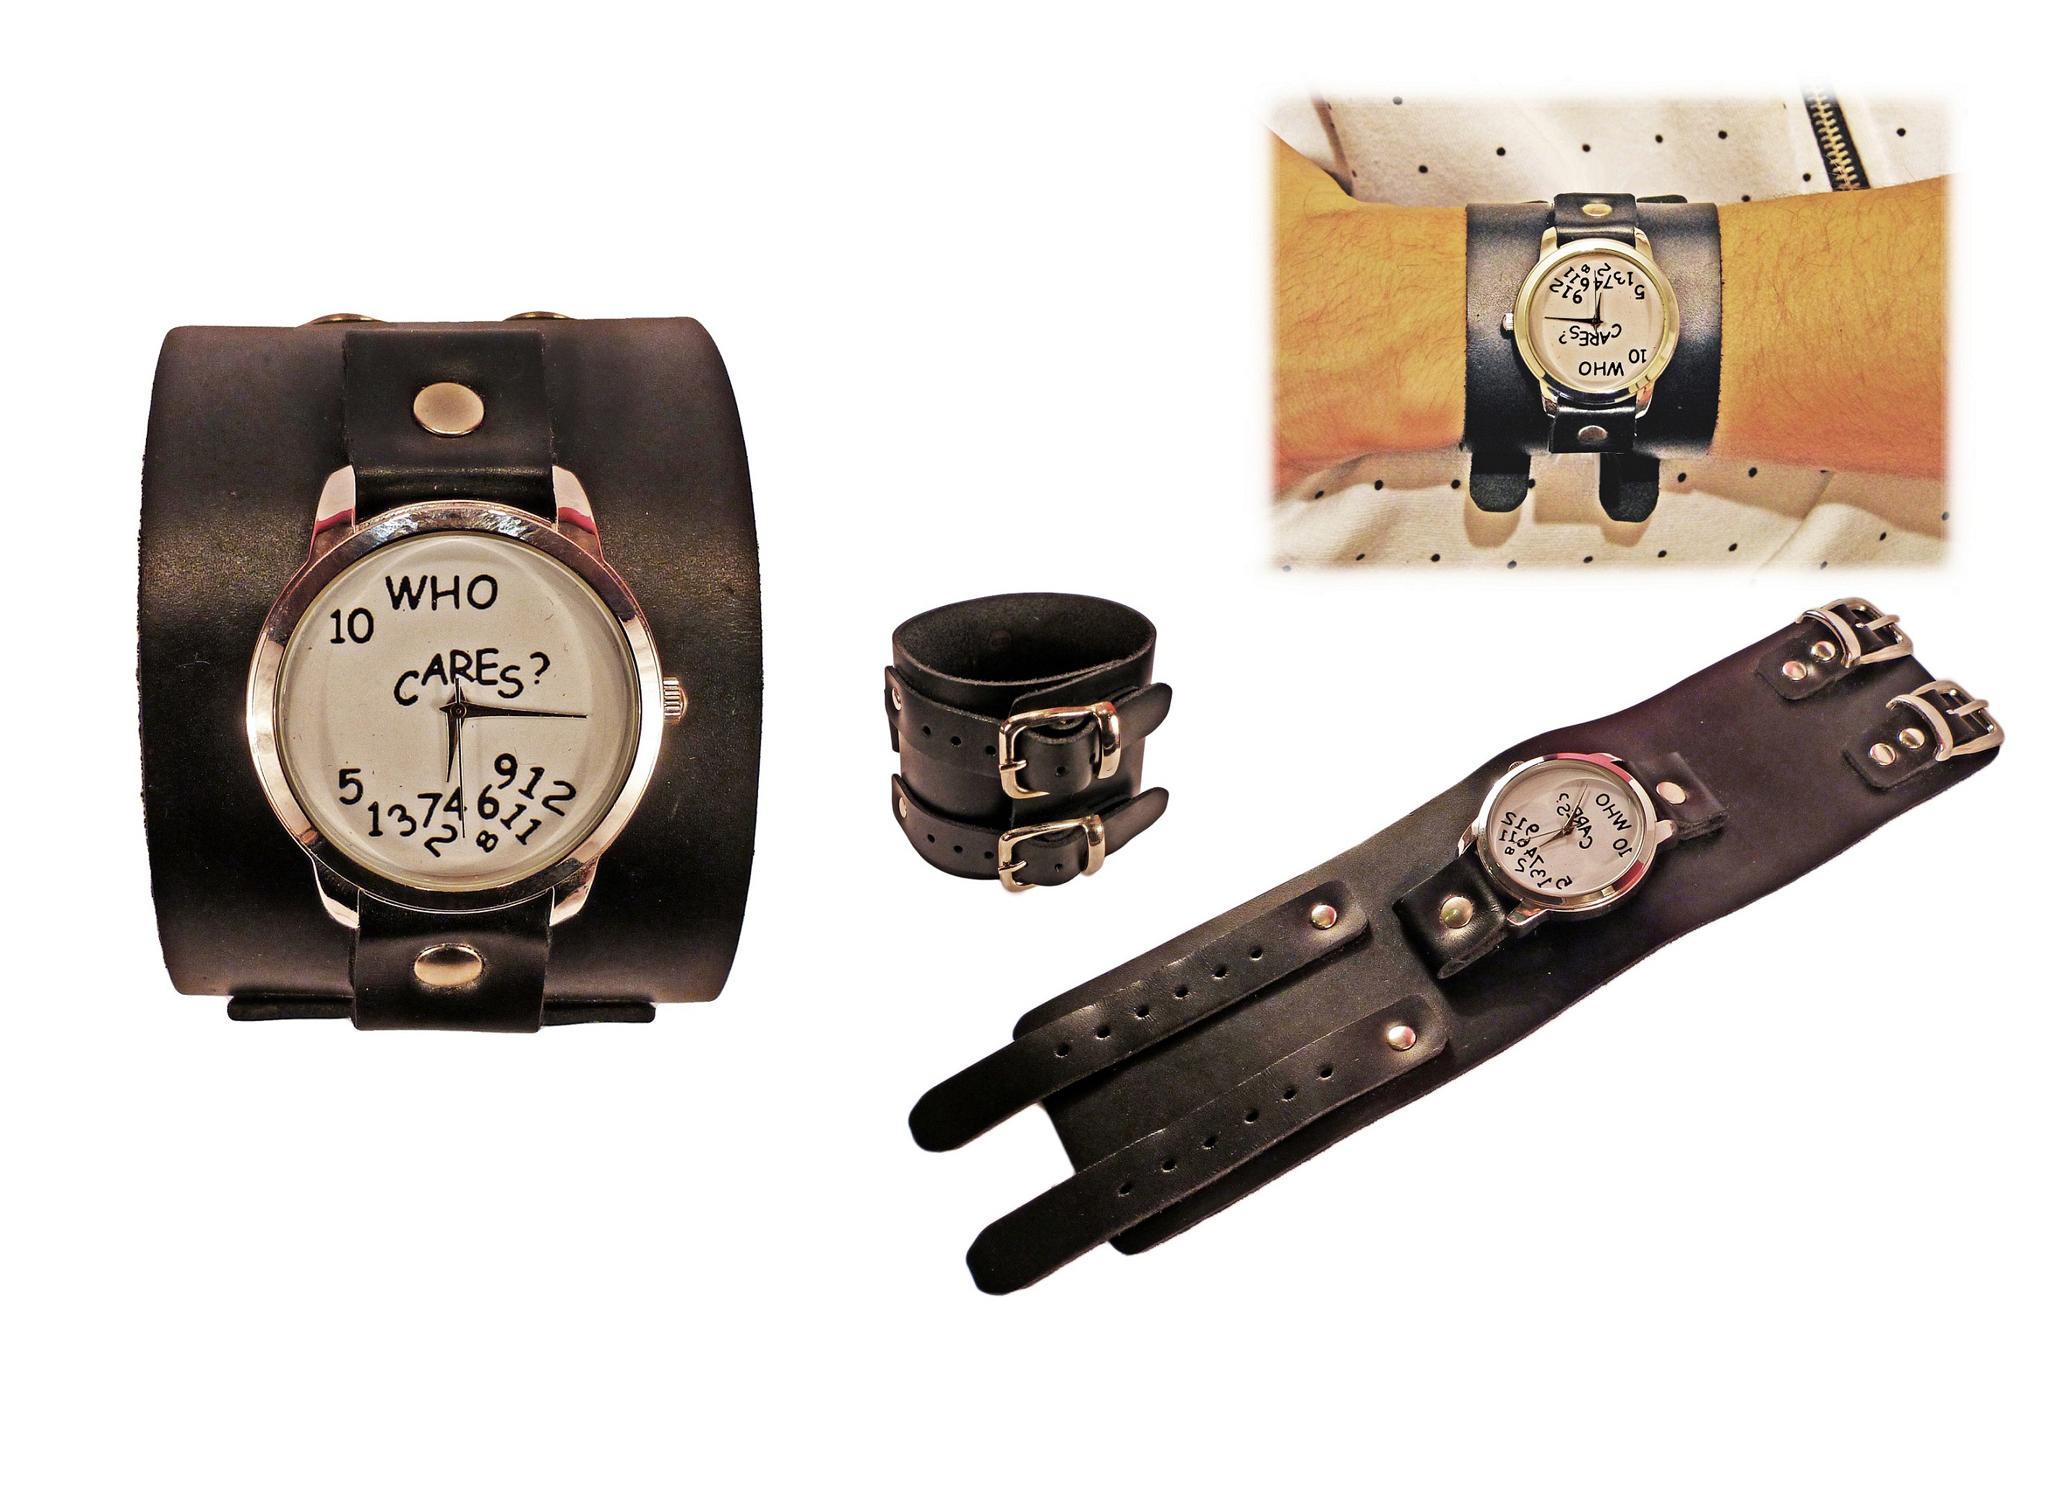 Ремешок для часов своими руками - пошаговая инструкция Все